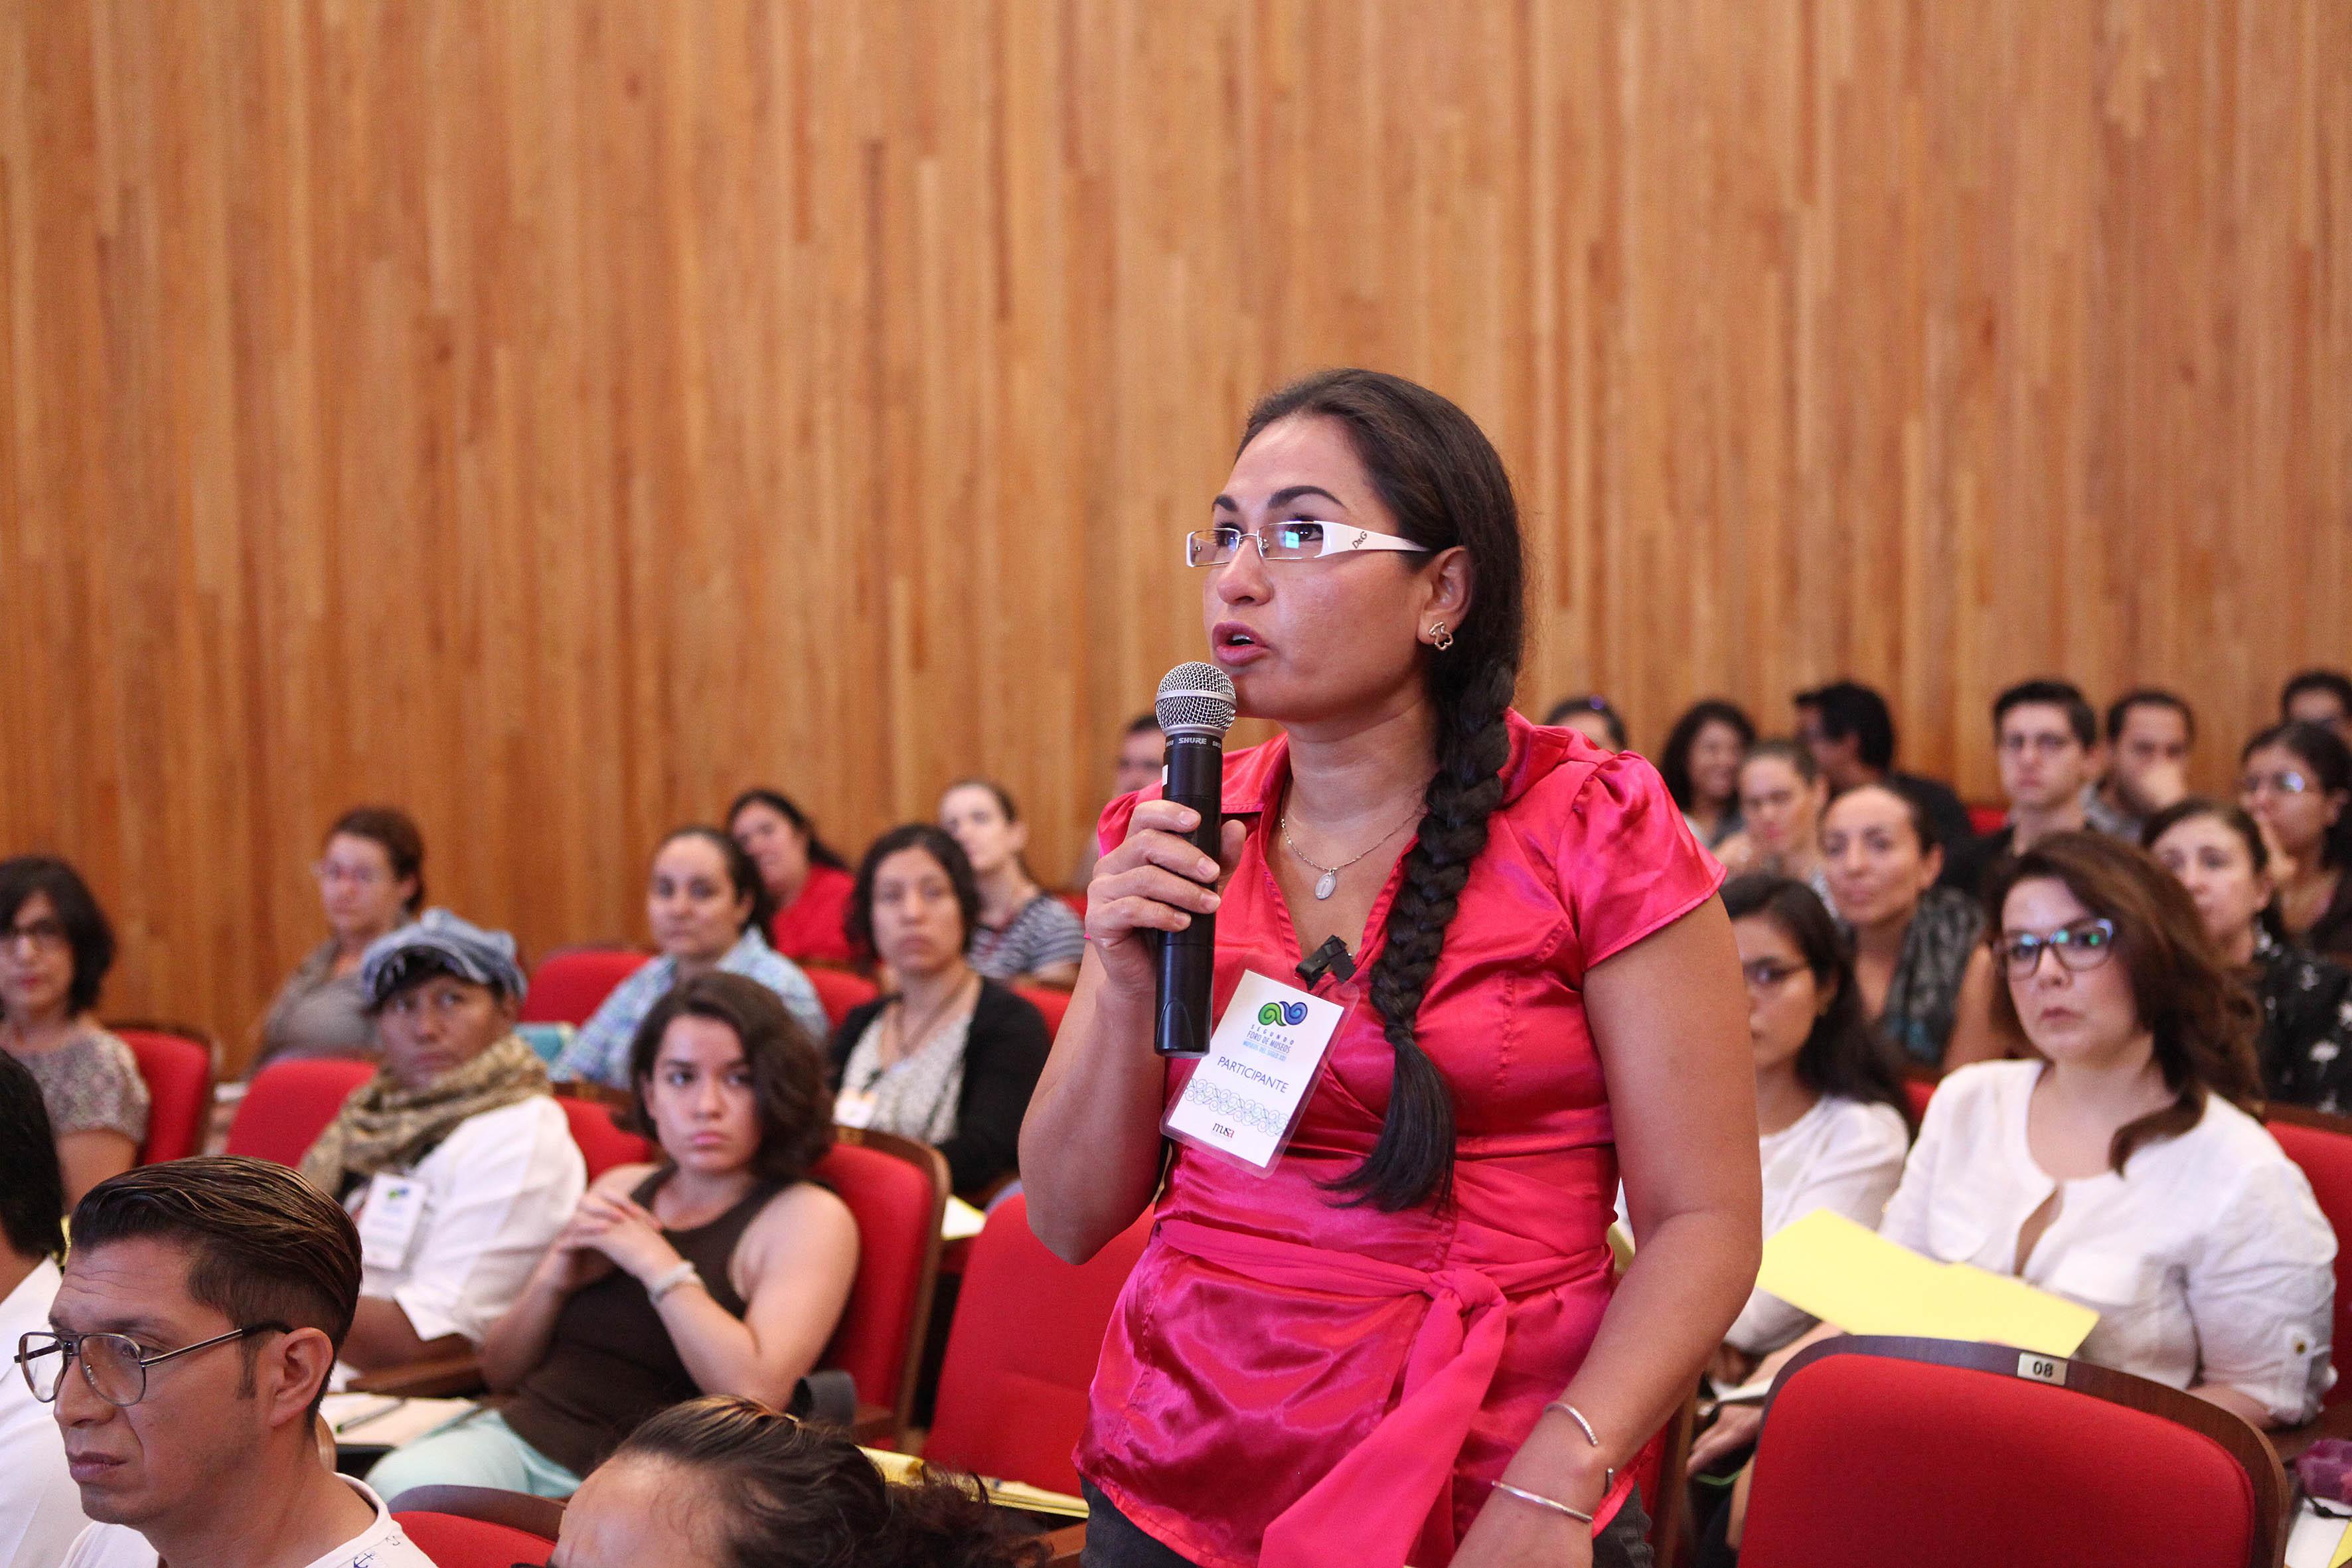 Asistente al evento participando en la conferencia magistral